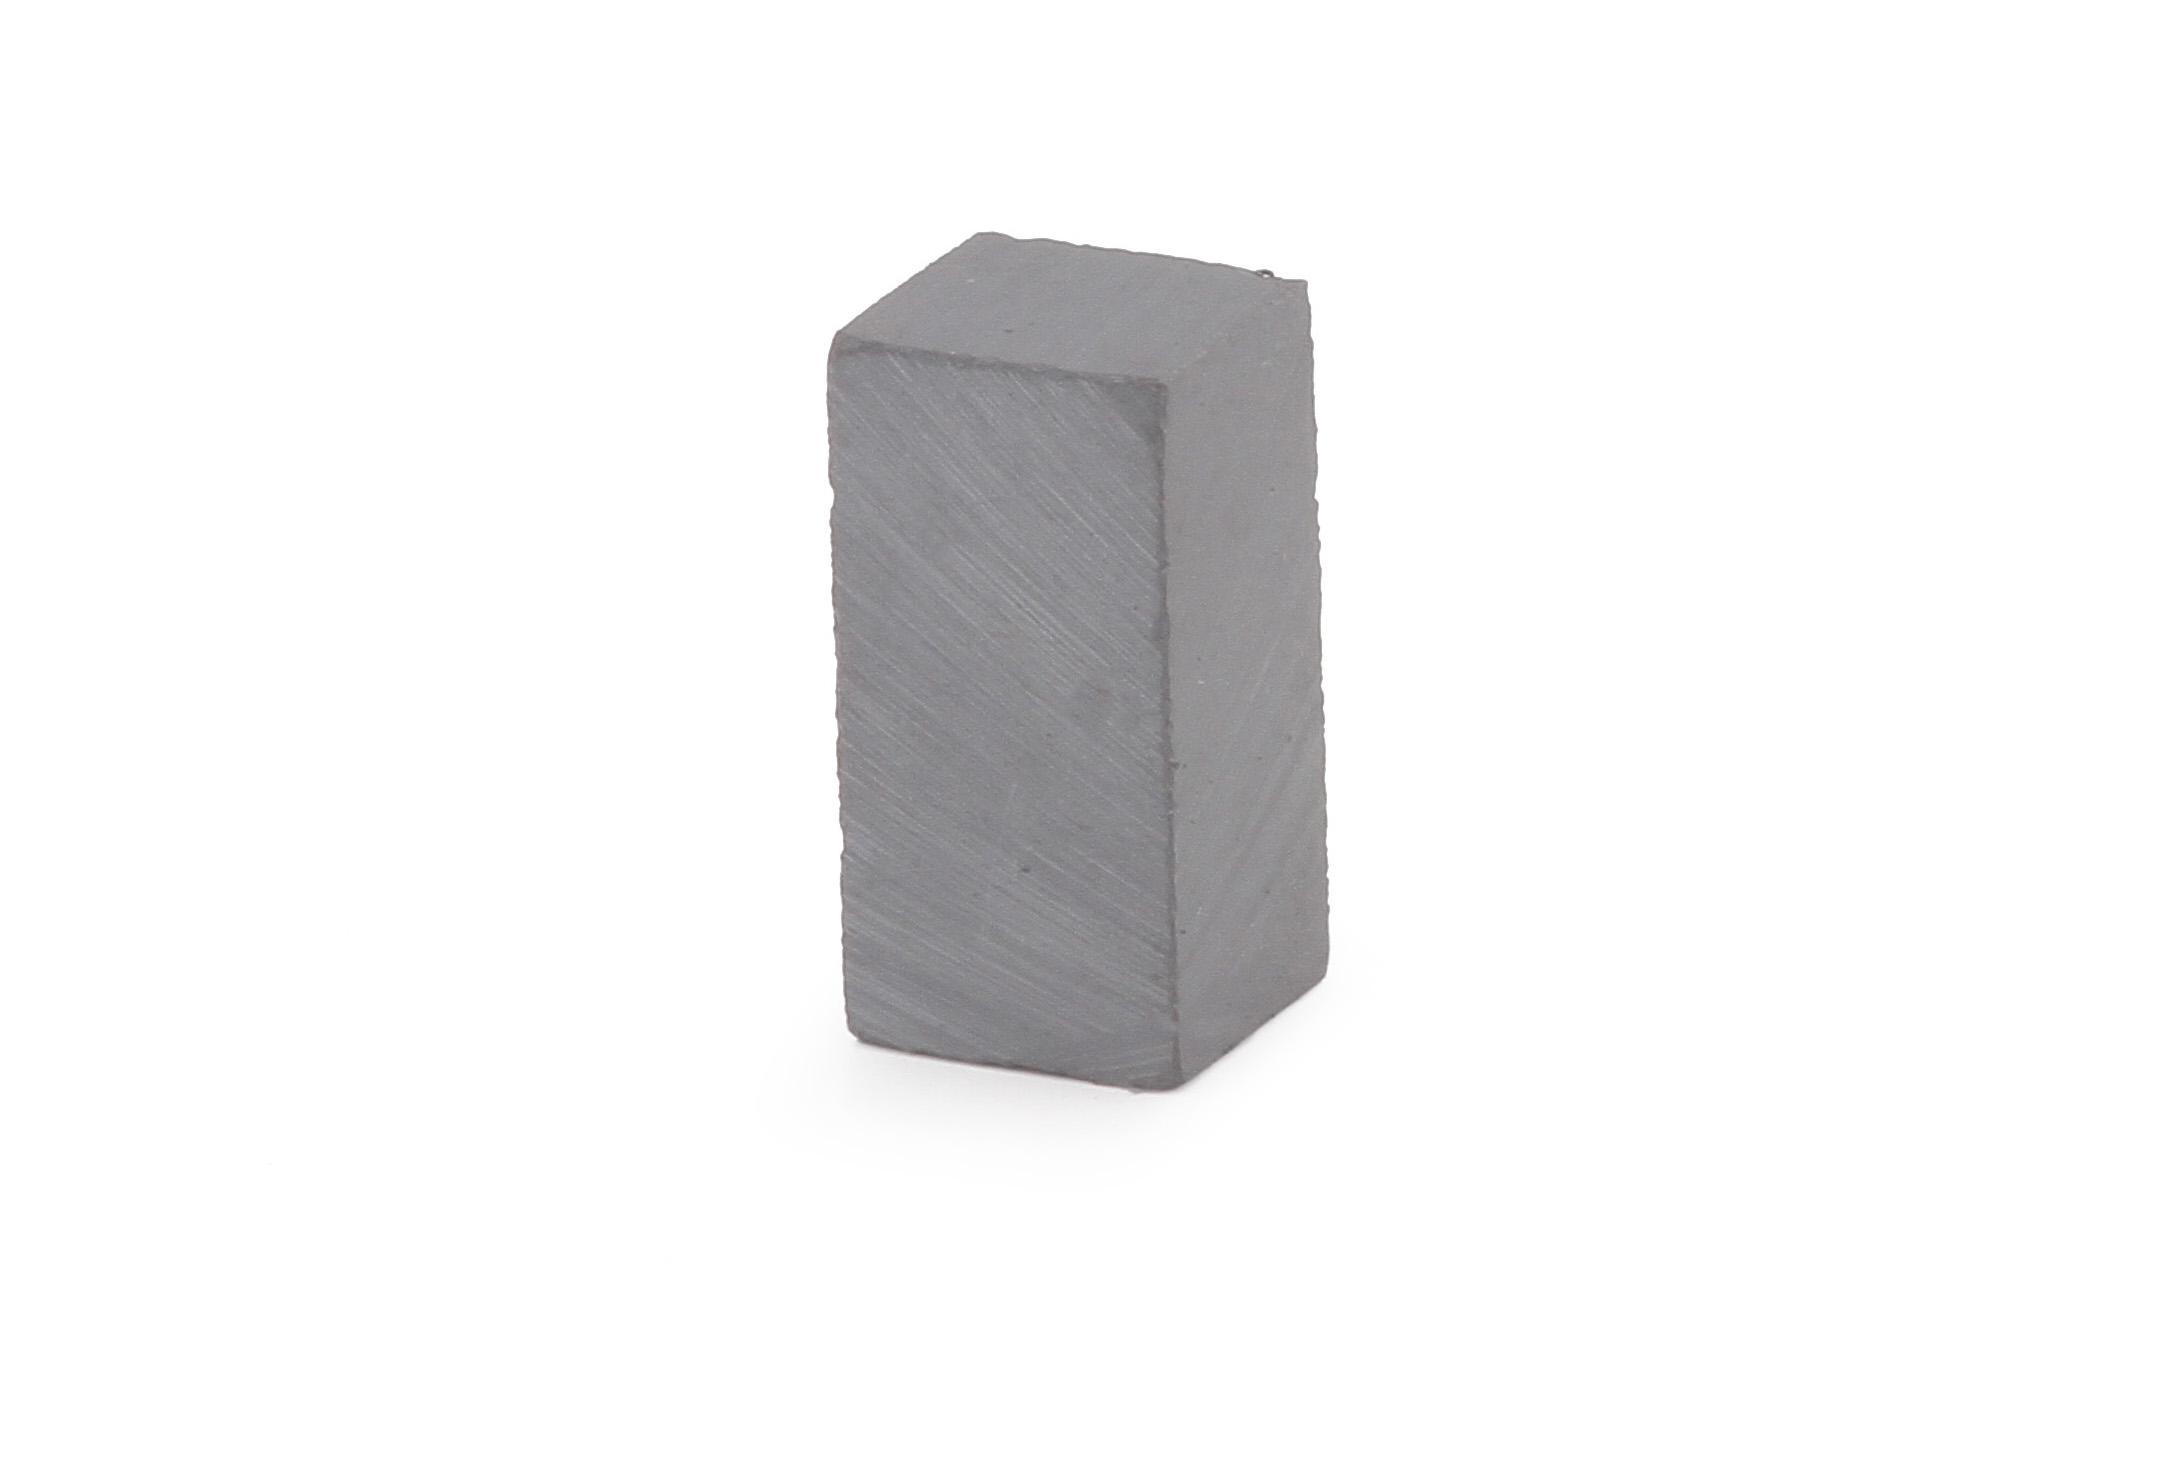 Ферритовый магнит 8х8х16 мм (прямоугольник)